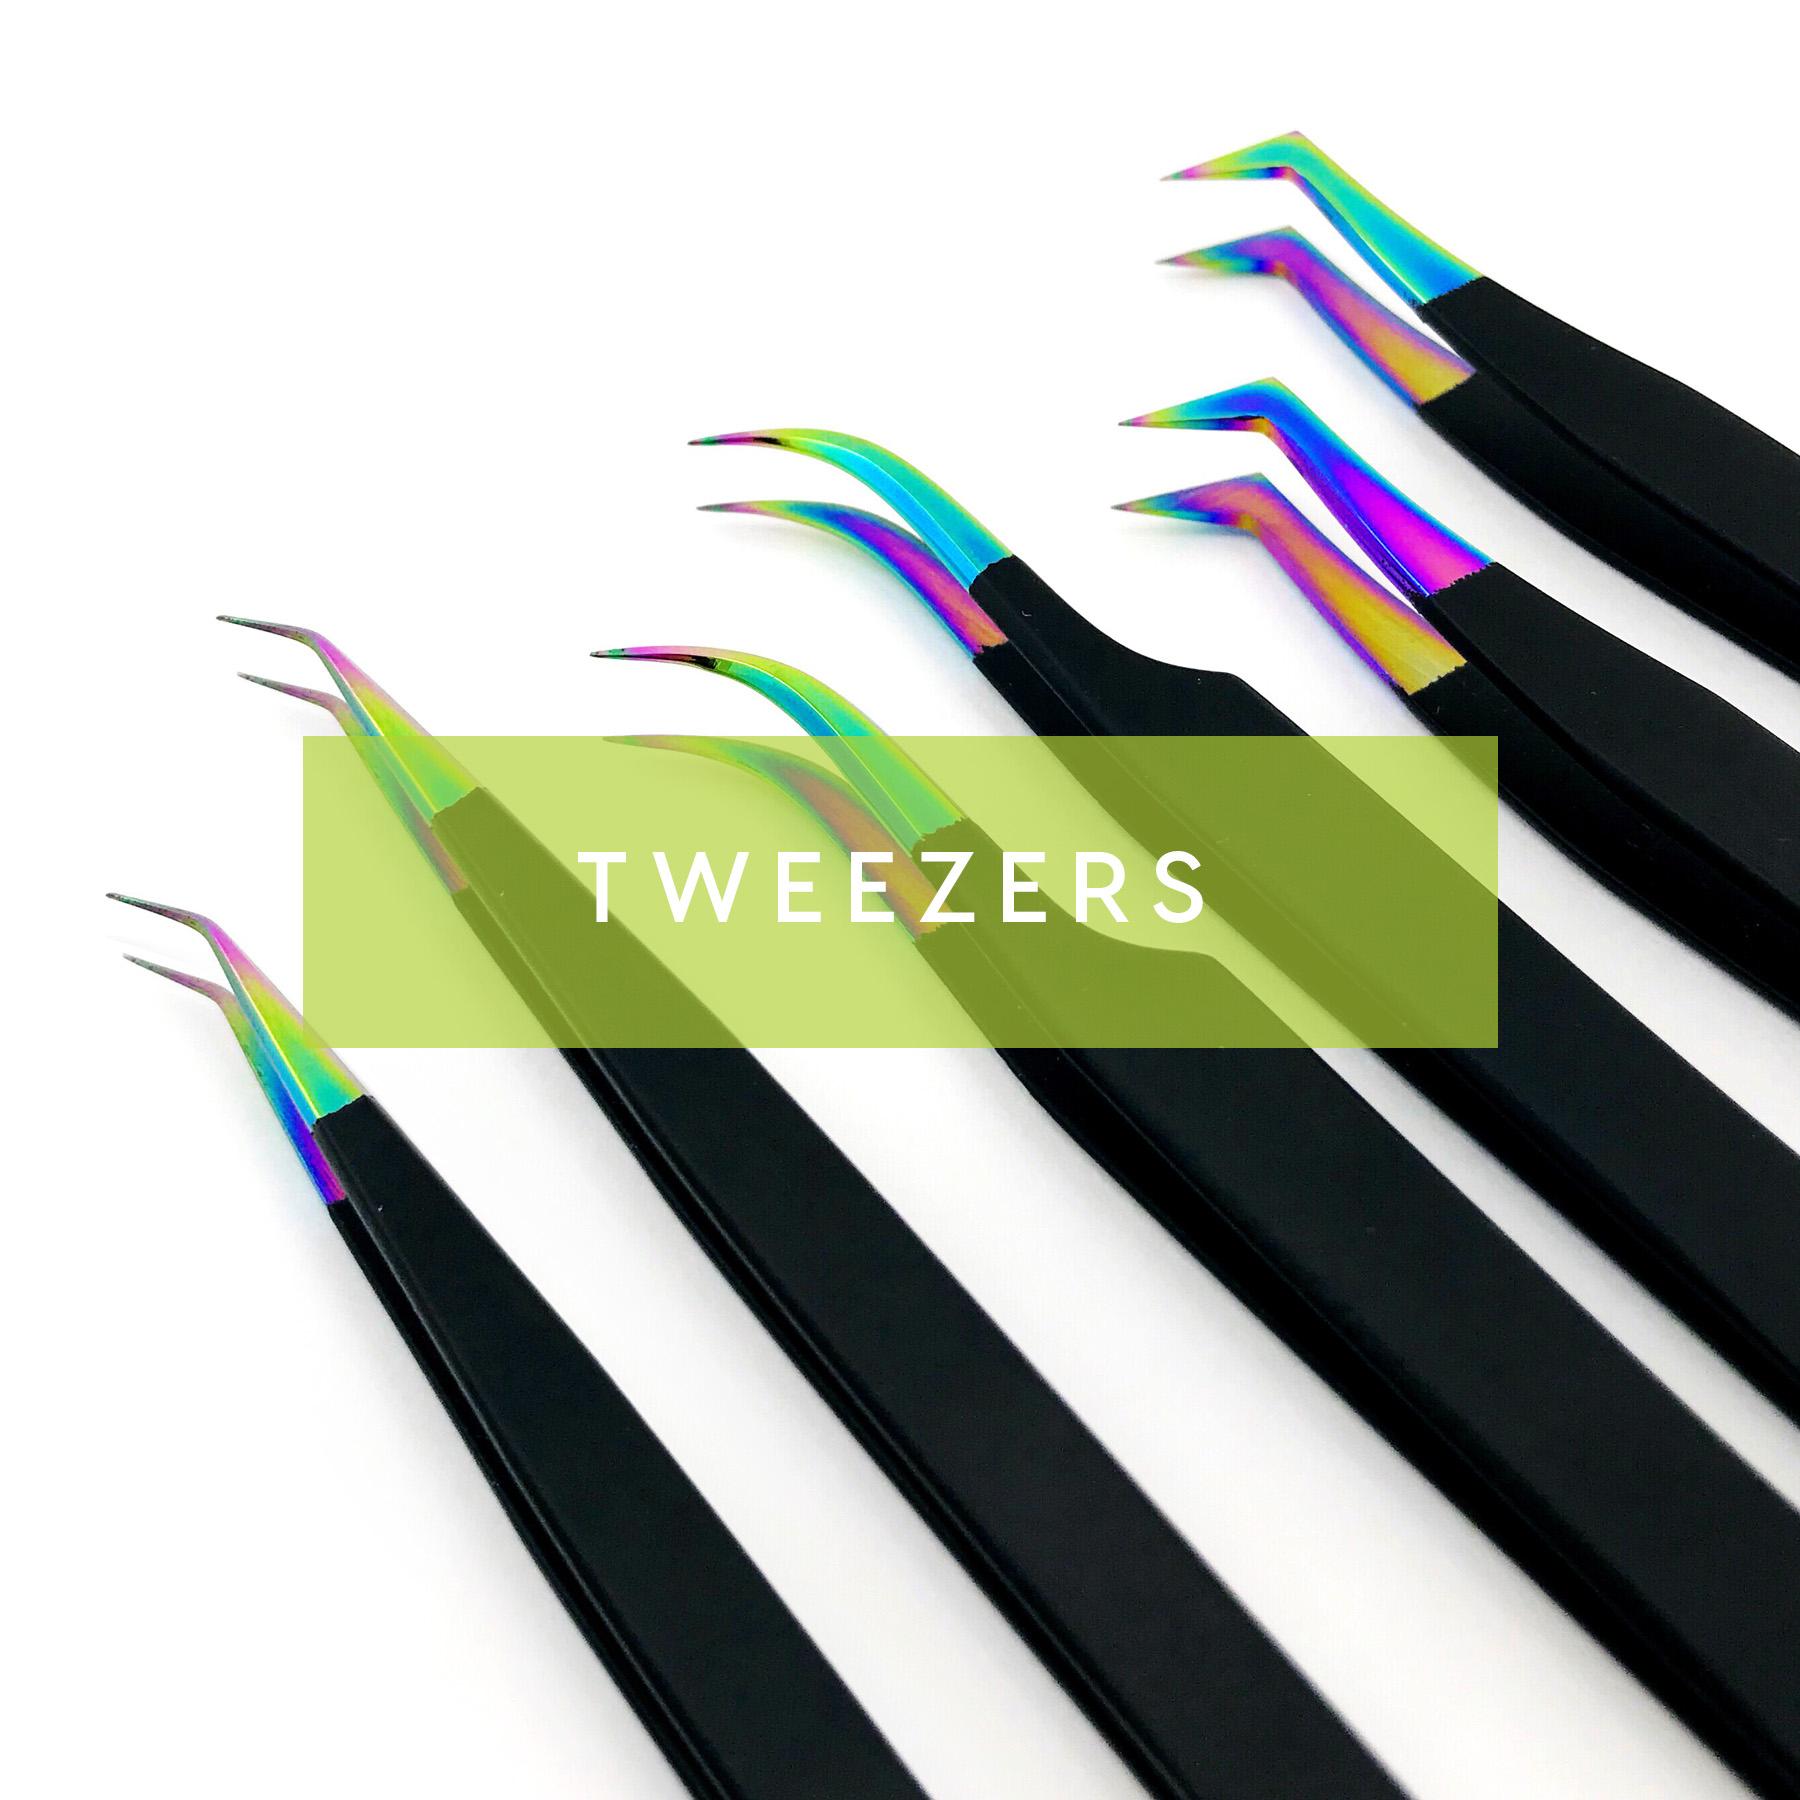 Shop_Tweezers.jpg